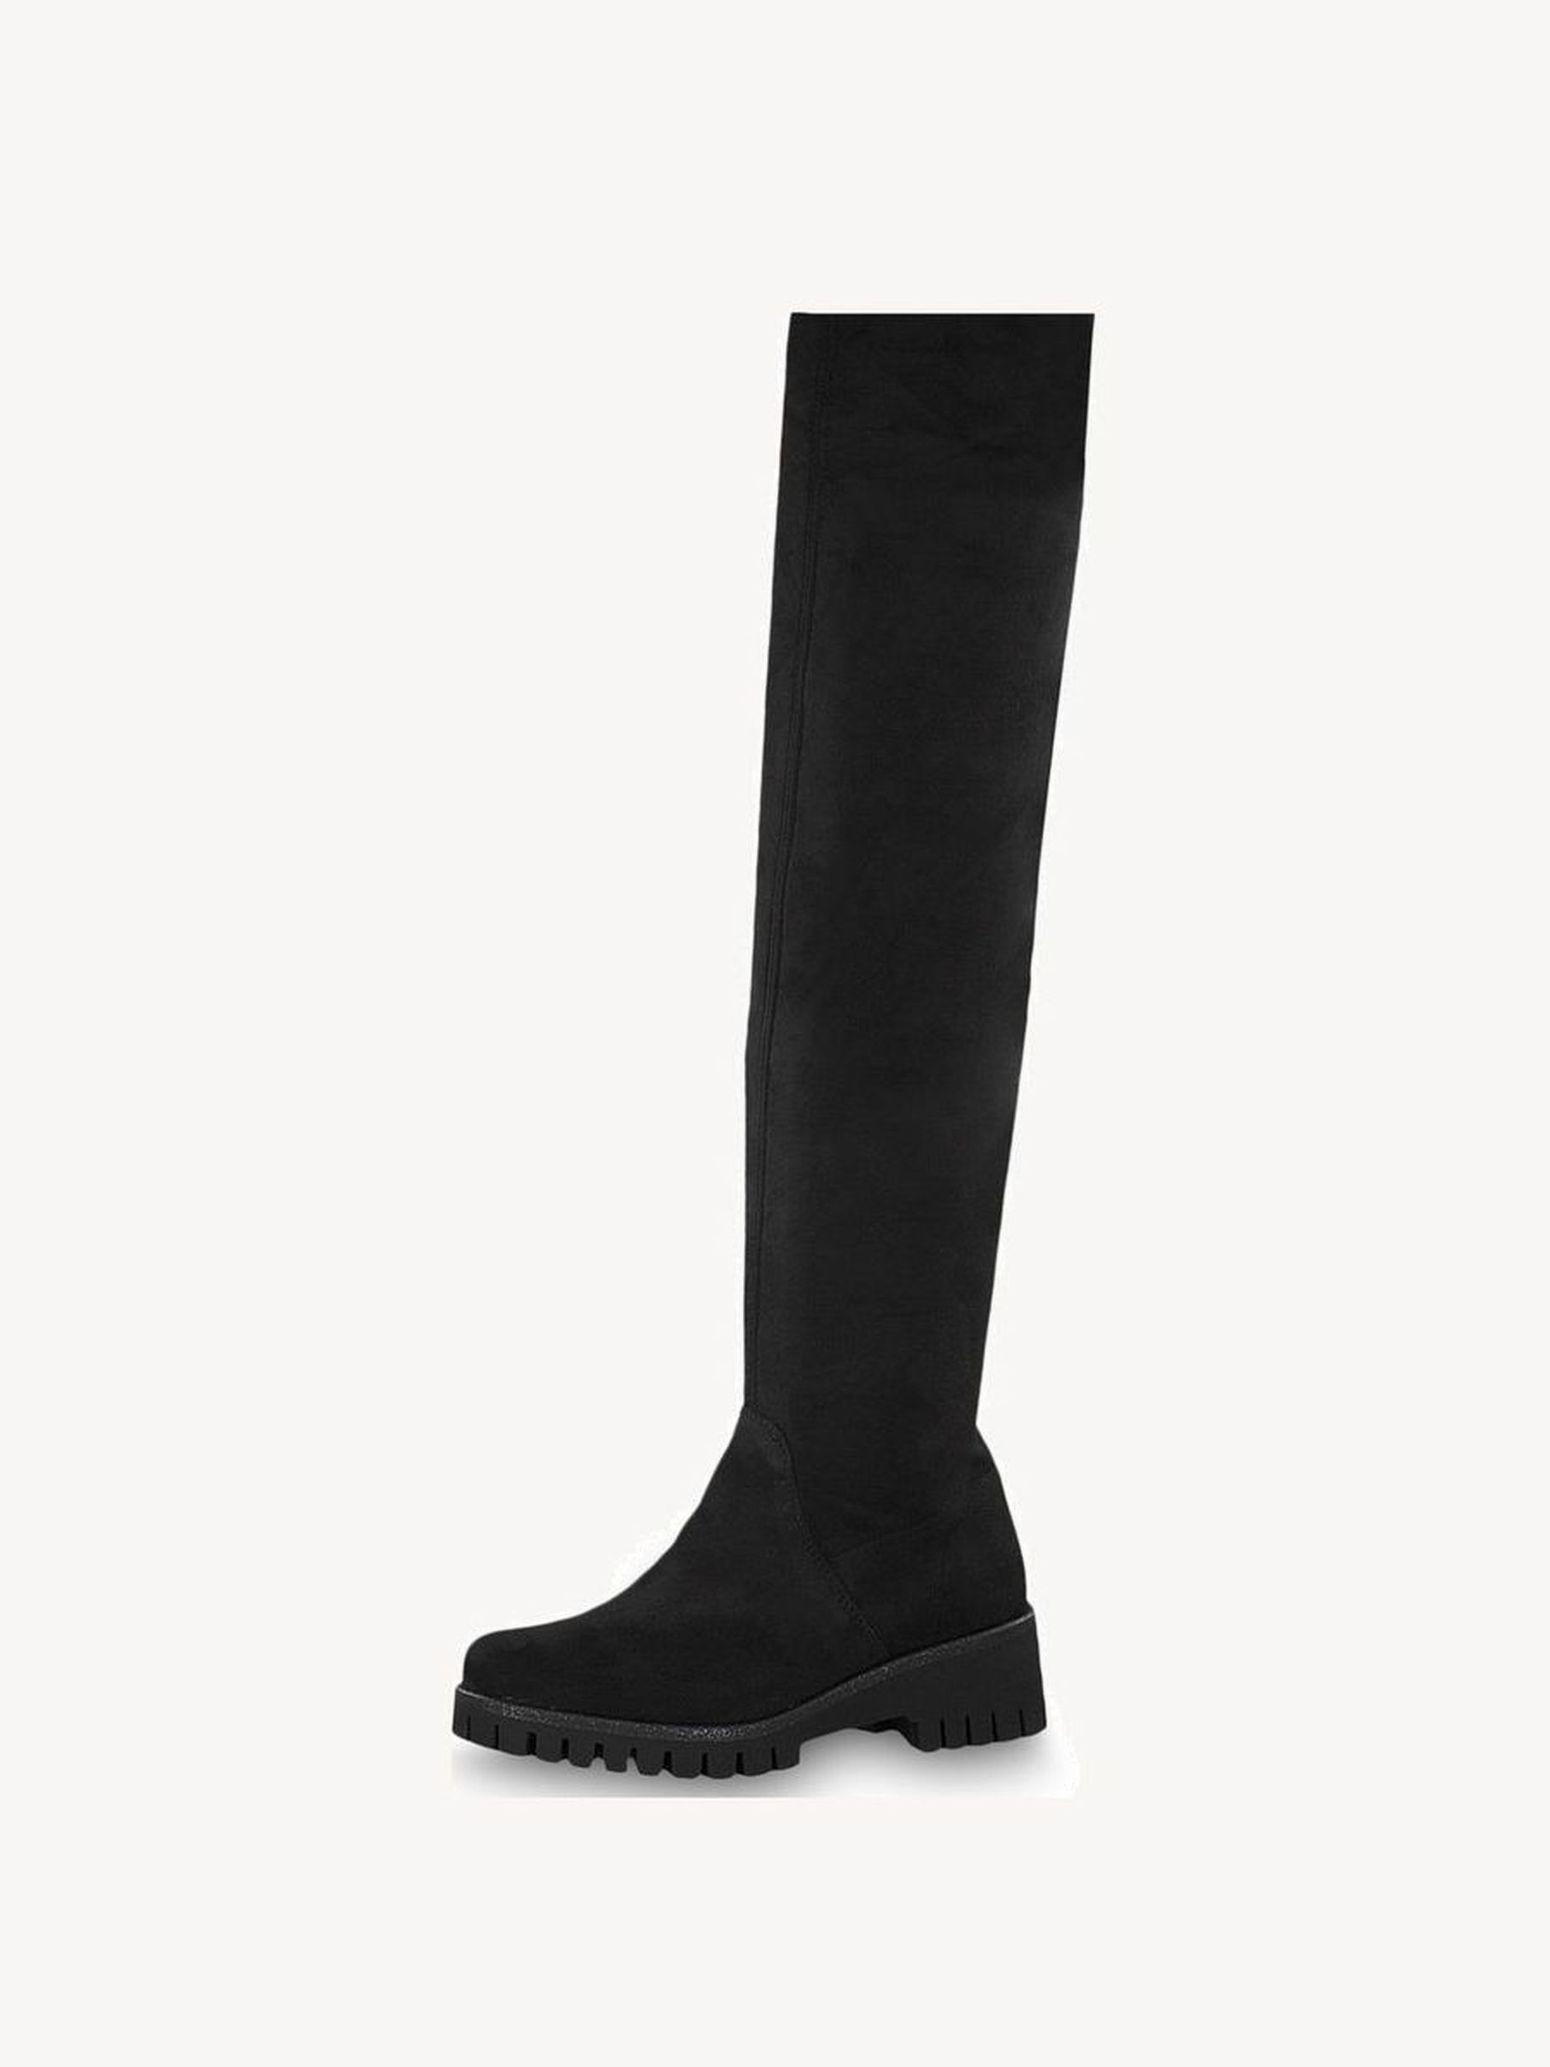 Chaussures Tamaris Cuissardes black noir: 89,95 ₿chez